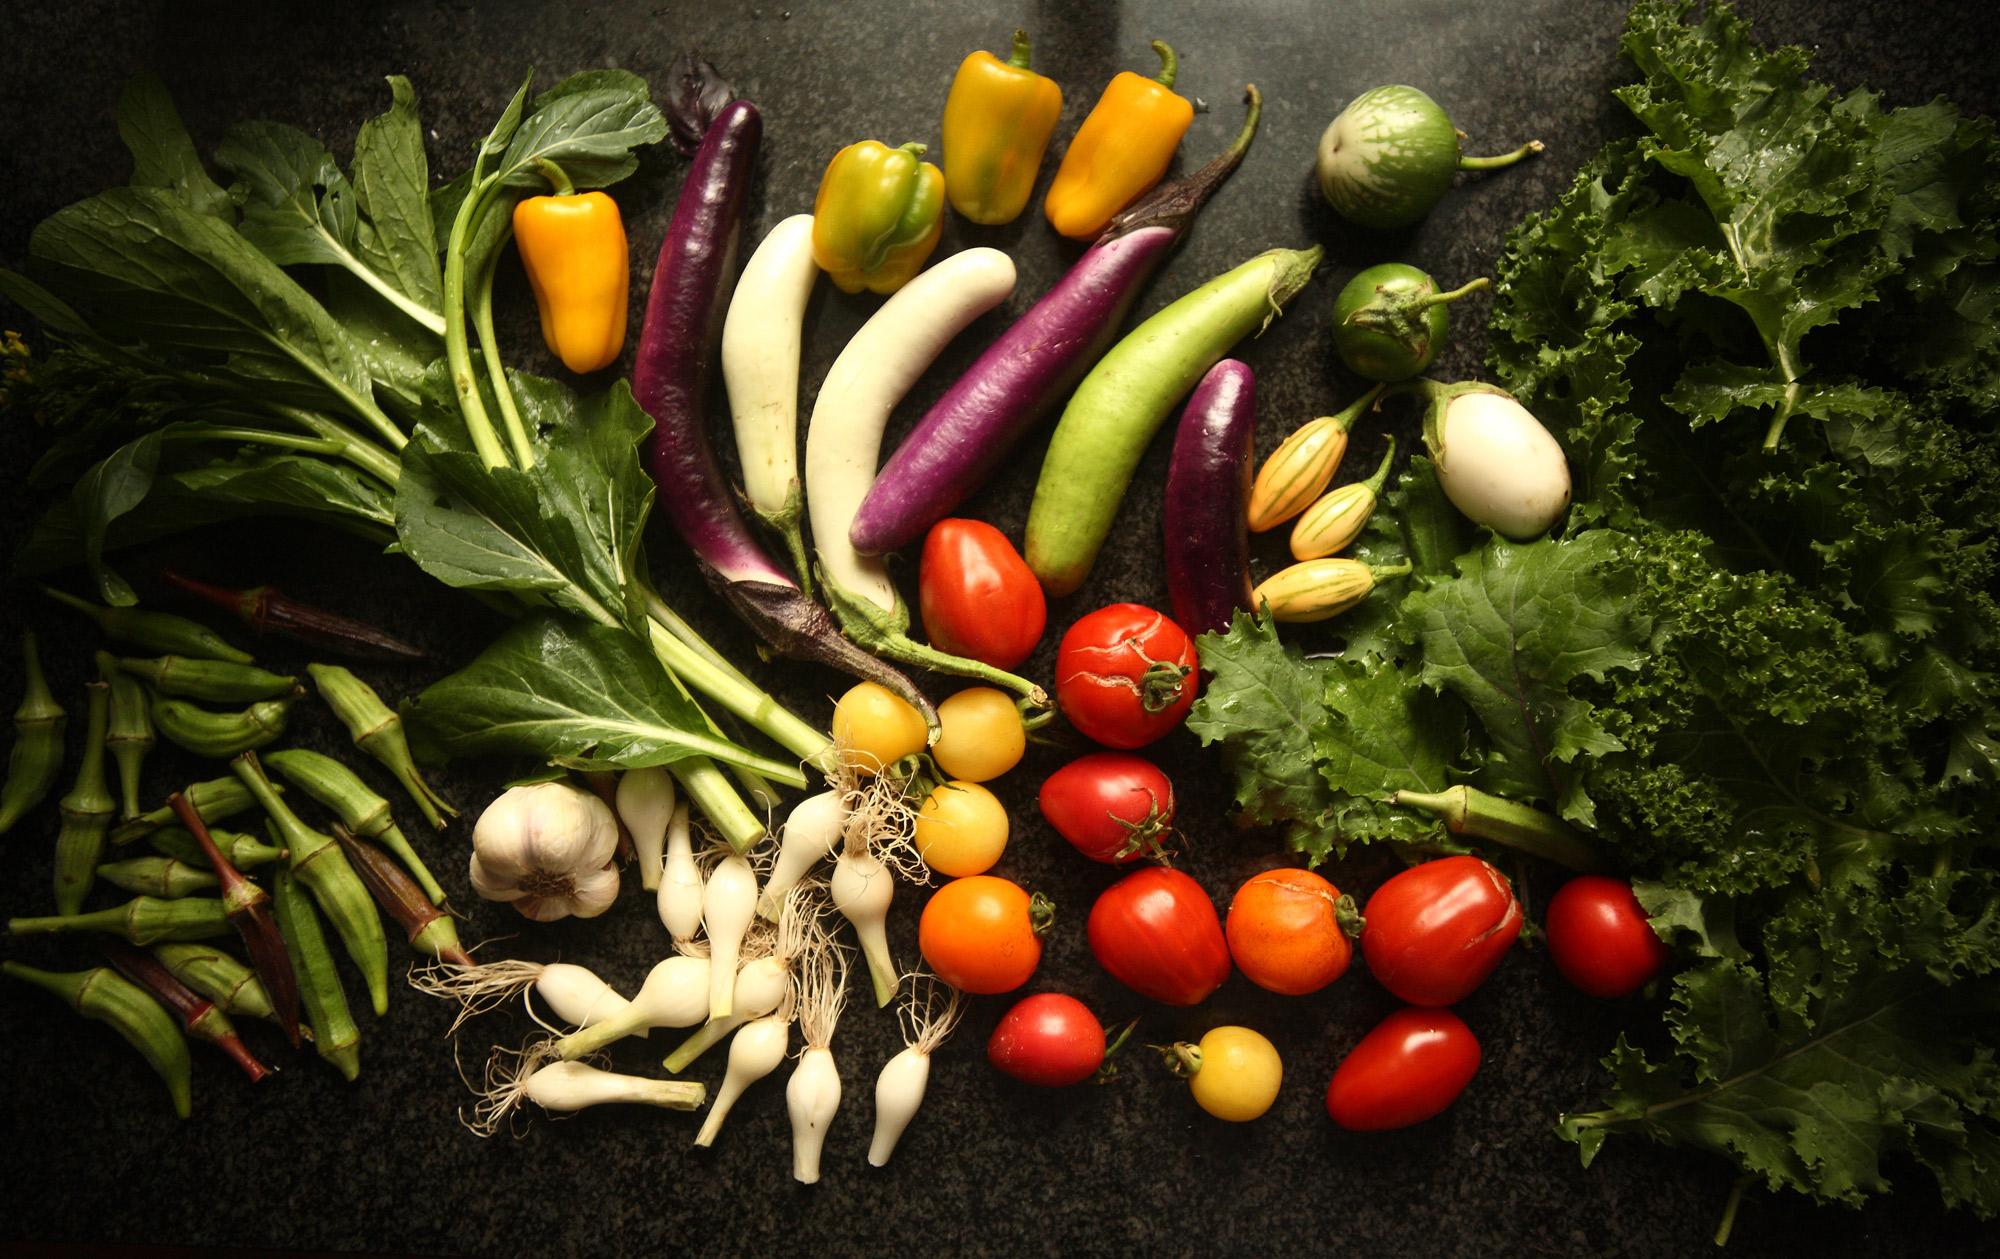 Érettségi vizsga a zöldségpiacon